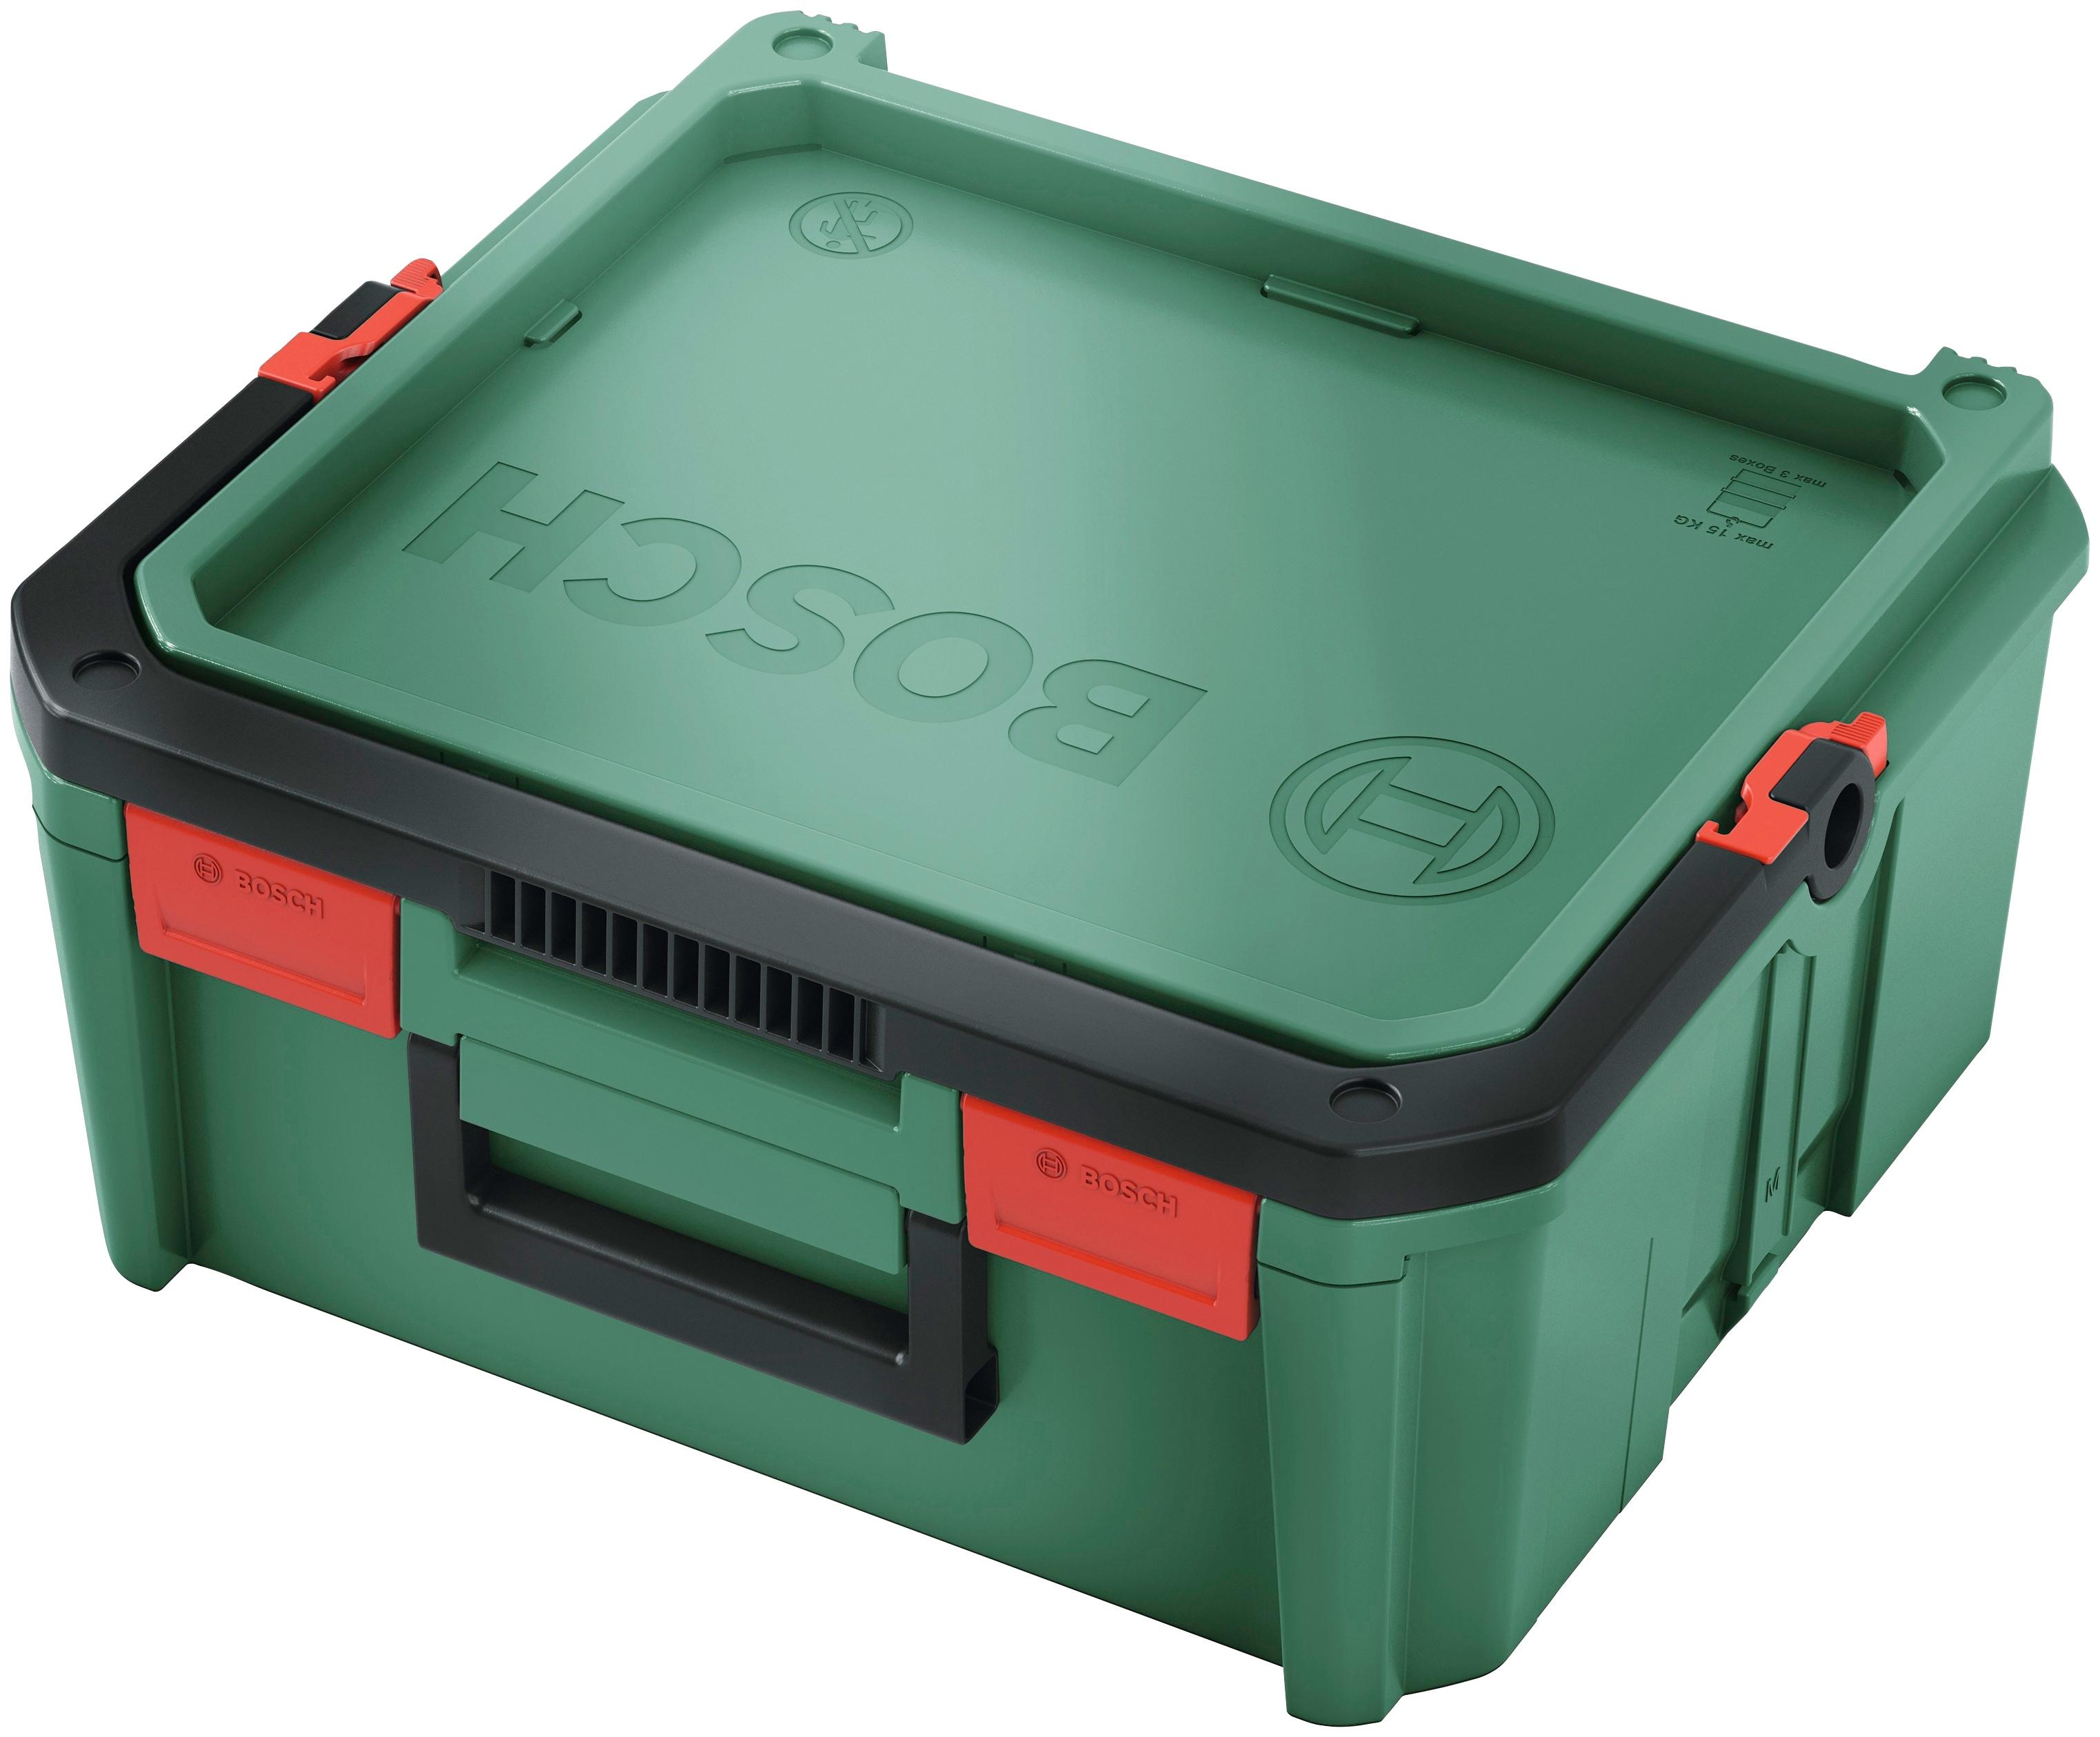 BOSCH Aufbewahrungsbox SystemBox Größe M, (1 St.) grün Werkzeugkoffer Werkzeug Maschinen